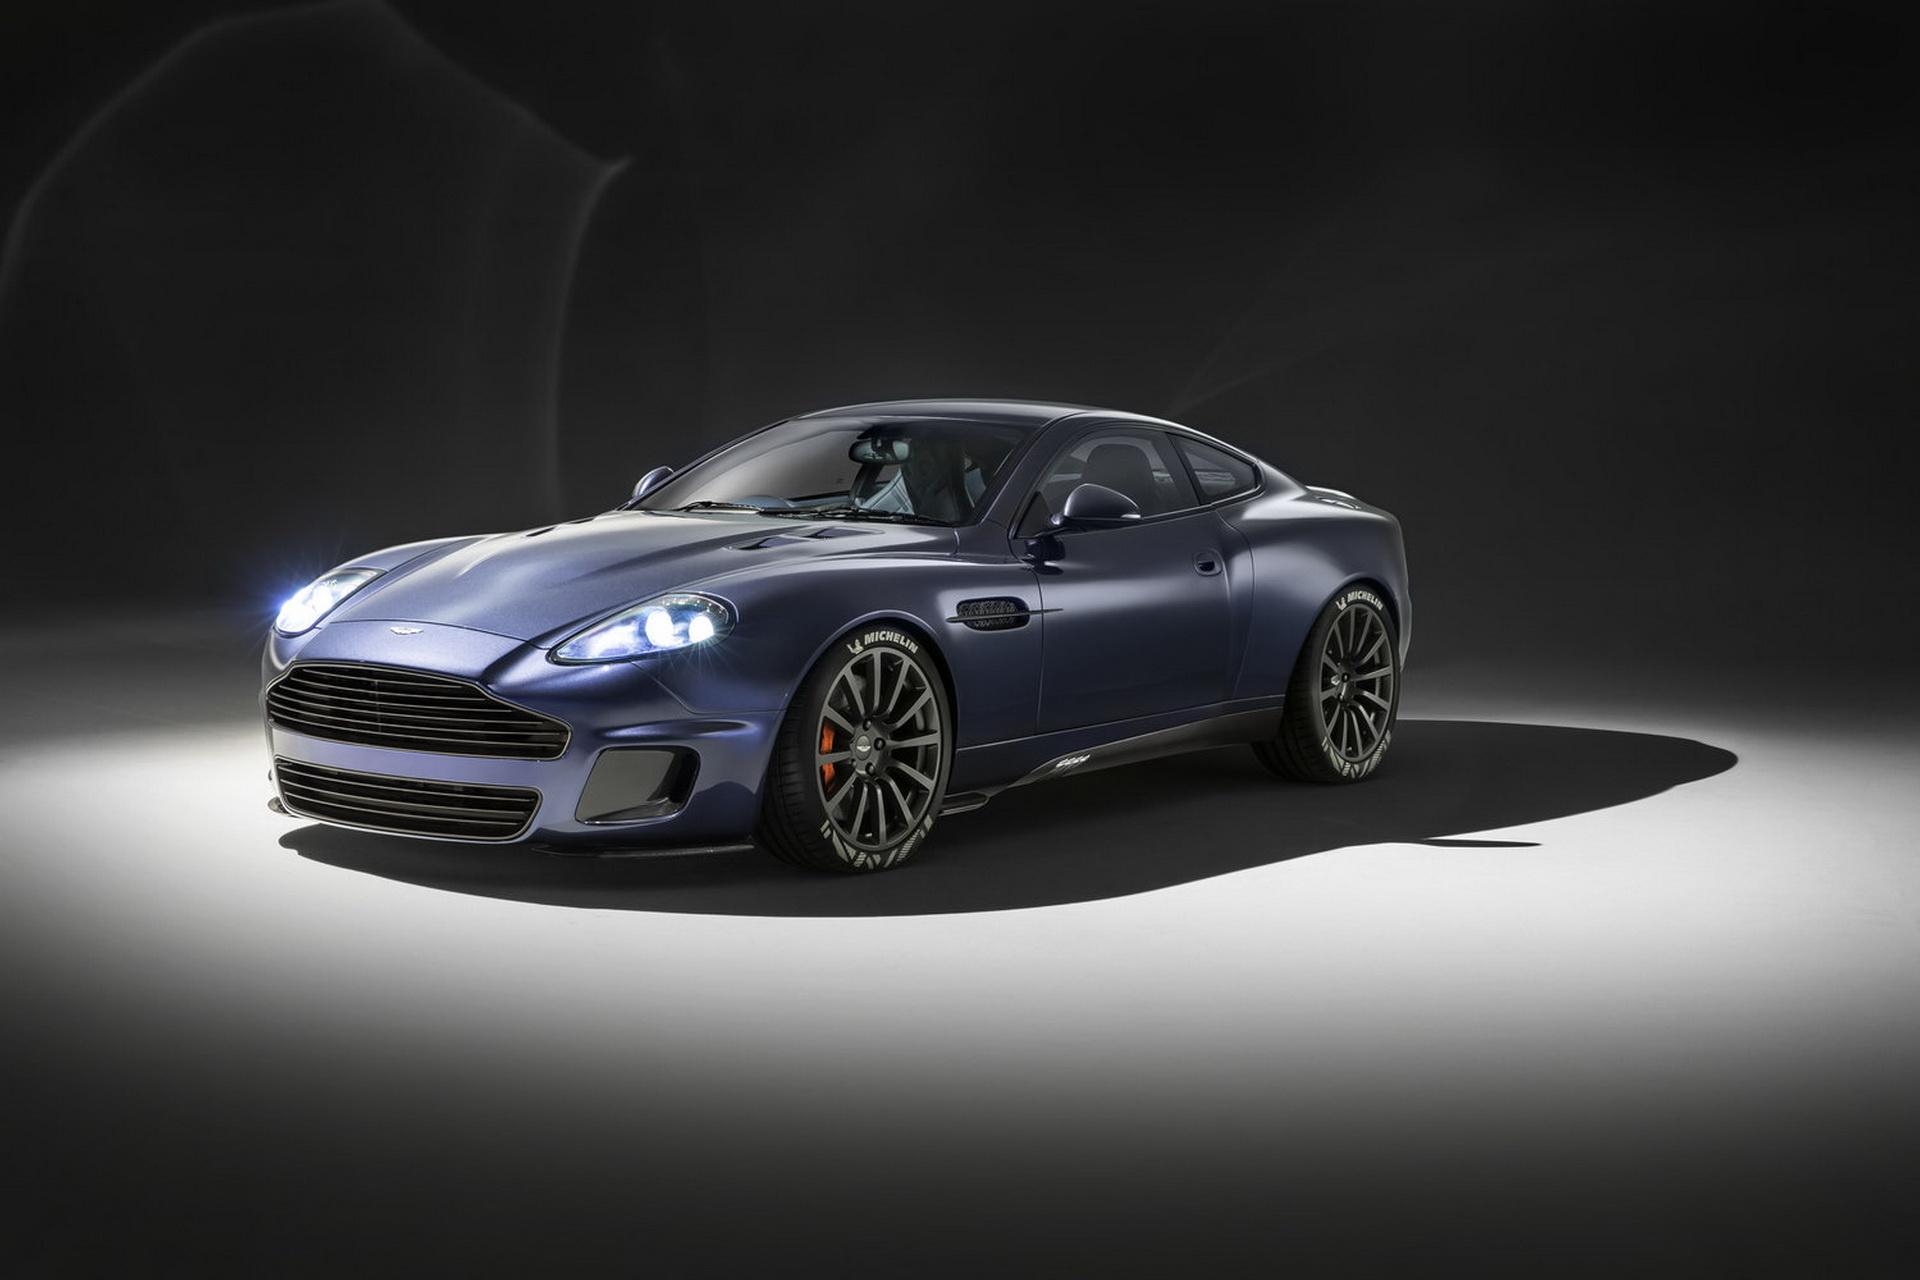 Aston Martin Vanquish 25 Price